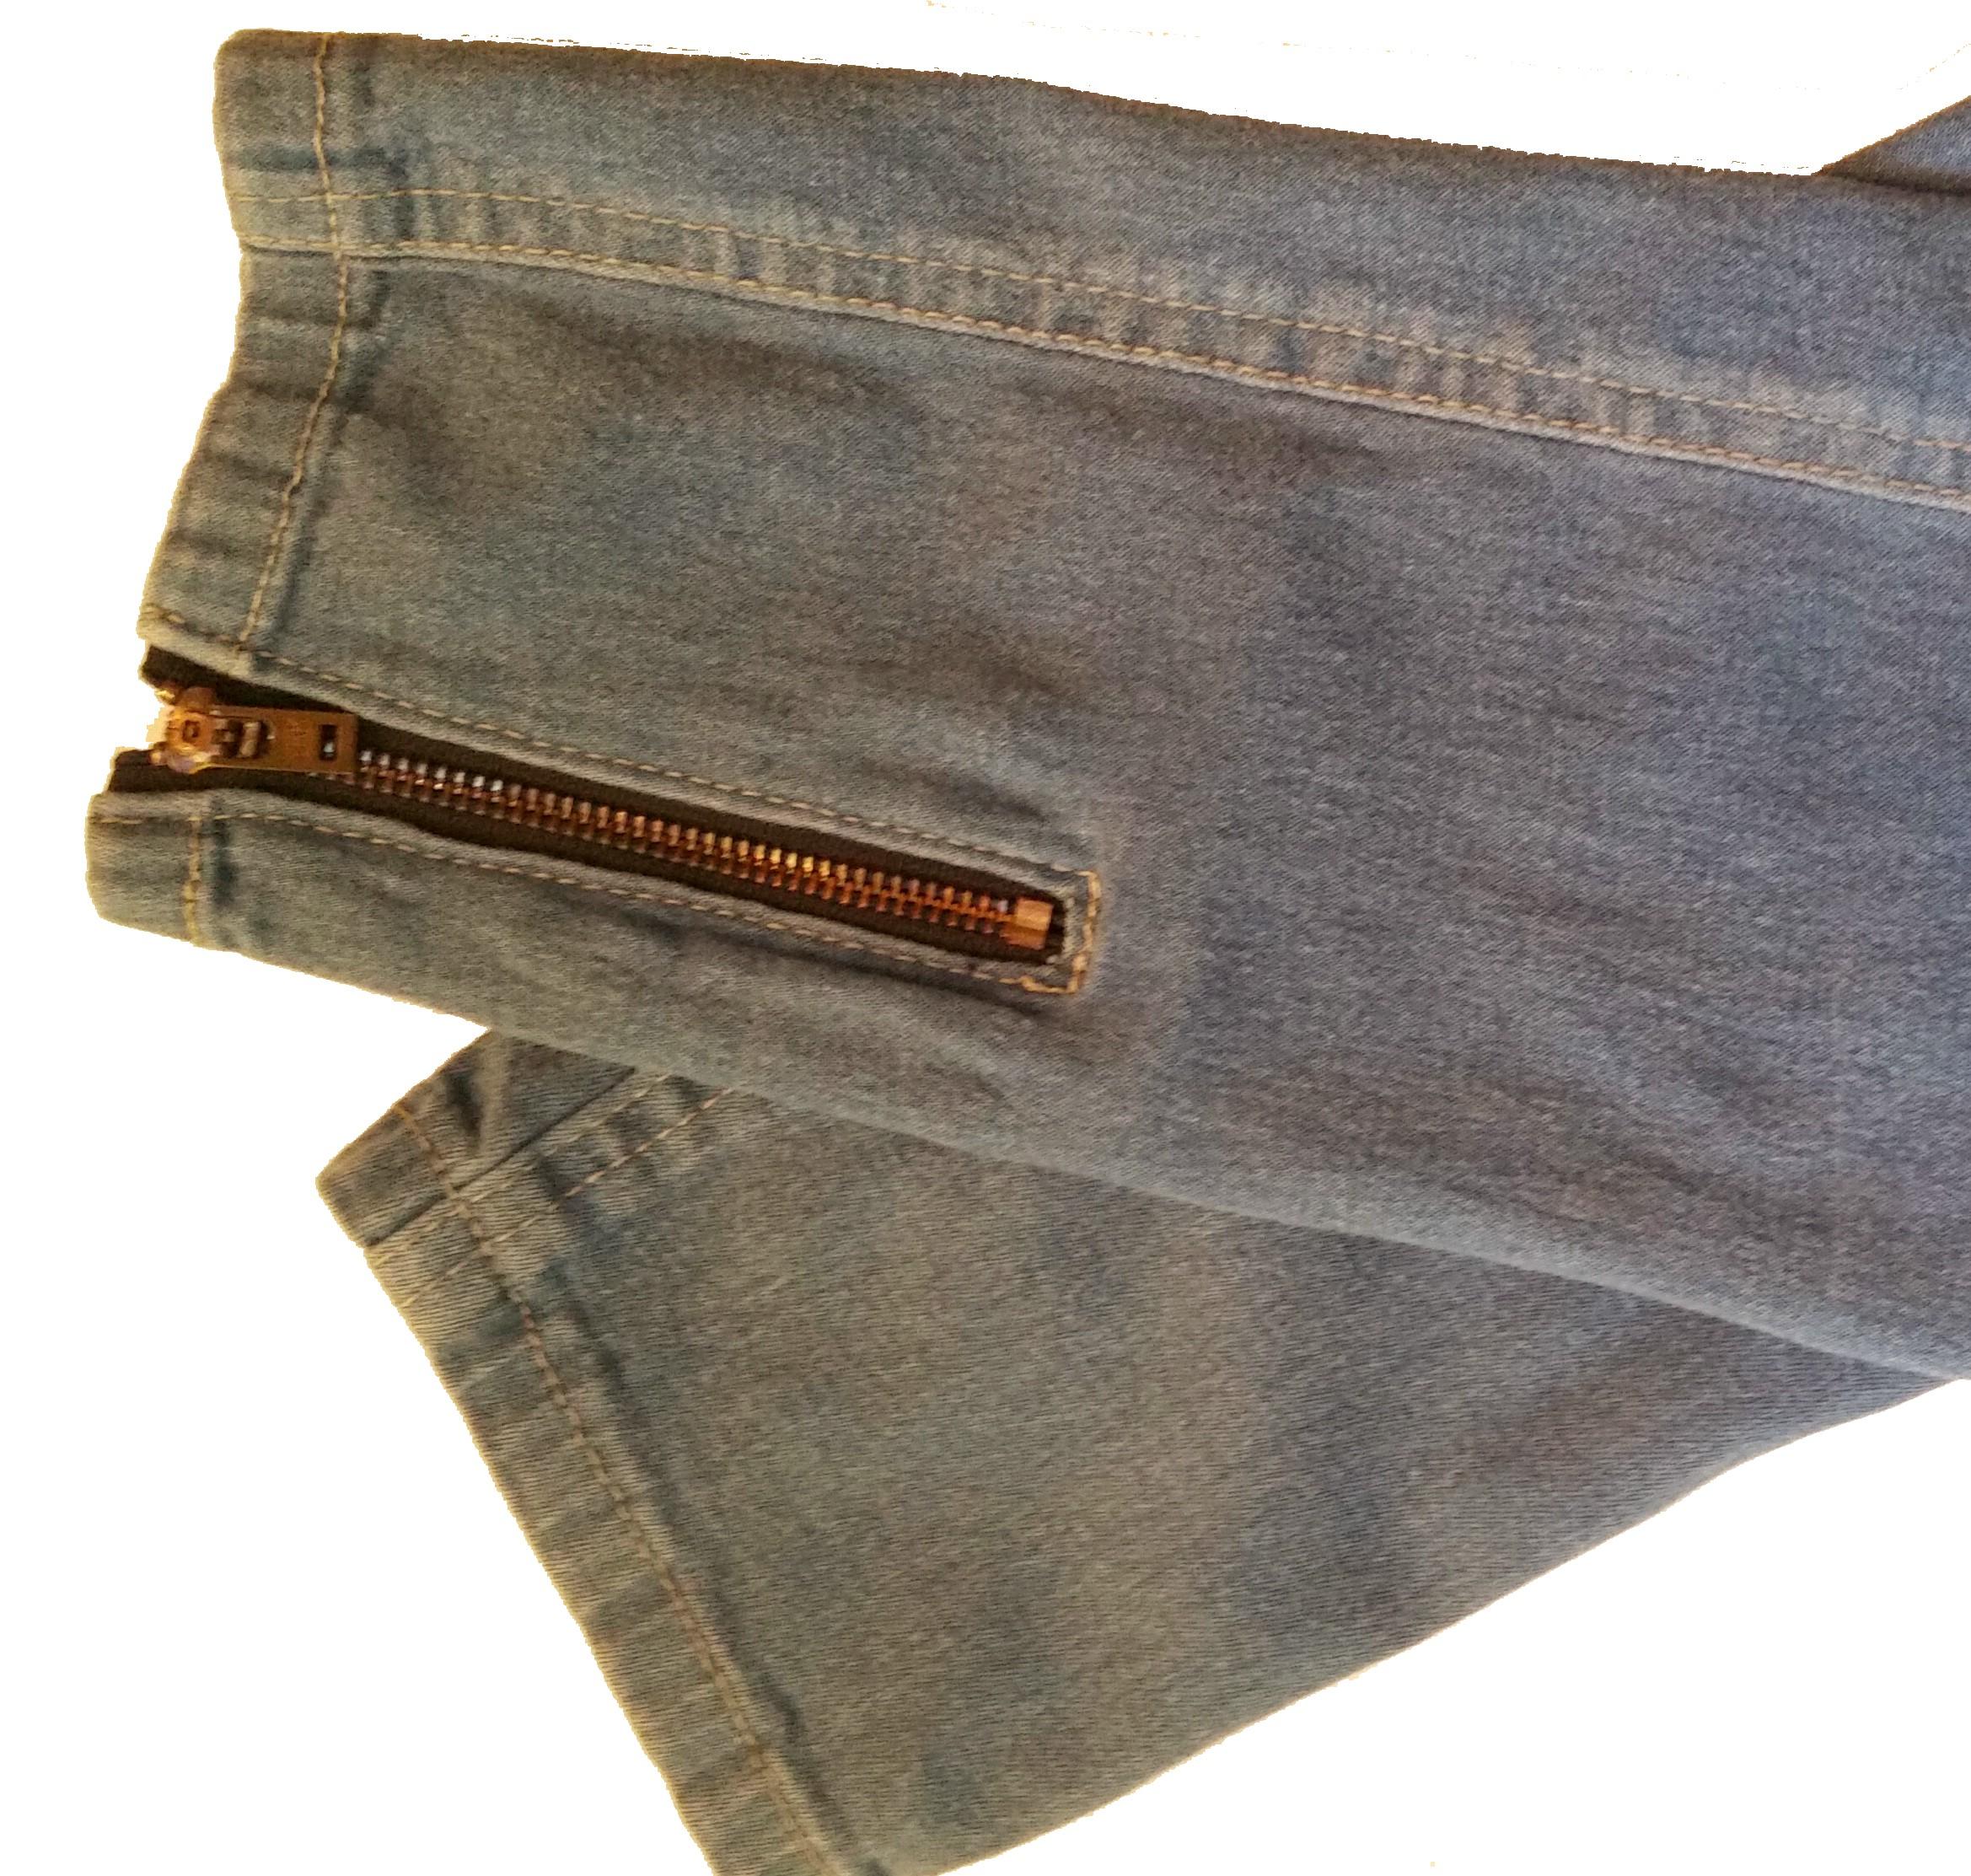 exposed zipe